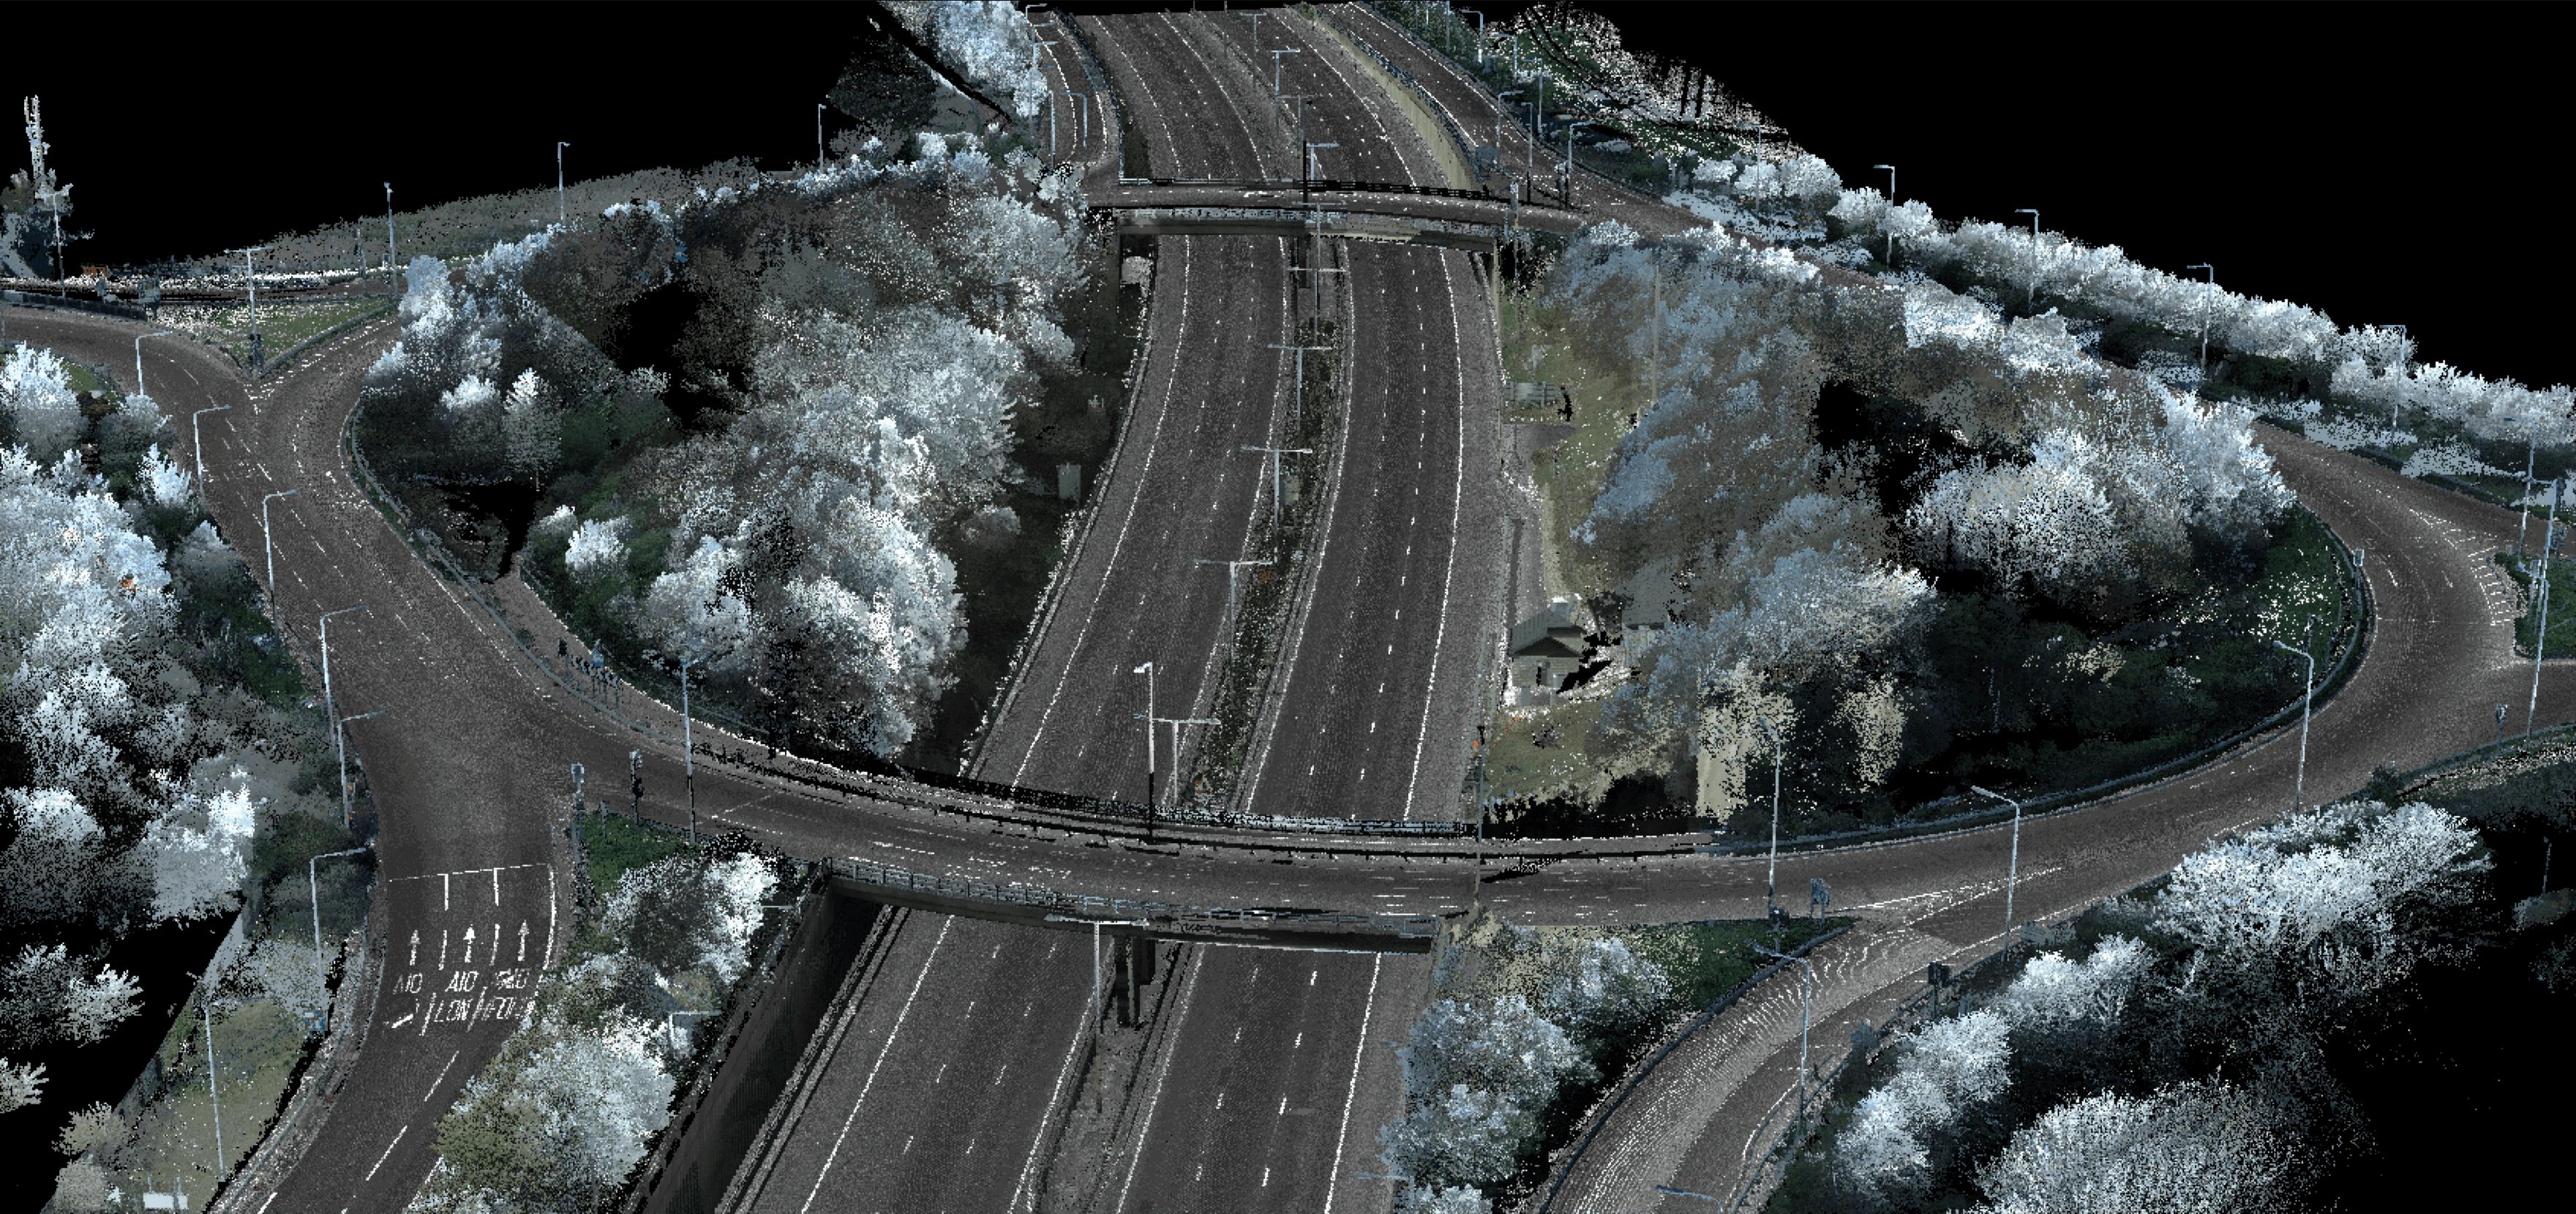 remote sensing data image of highway interchange